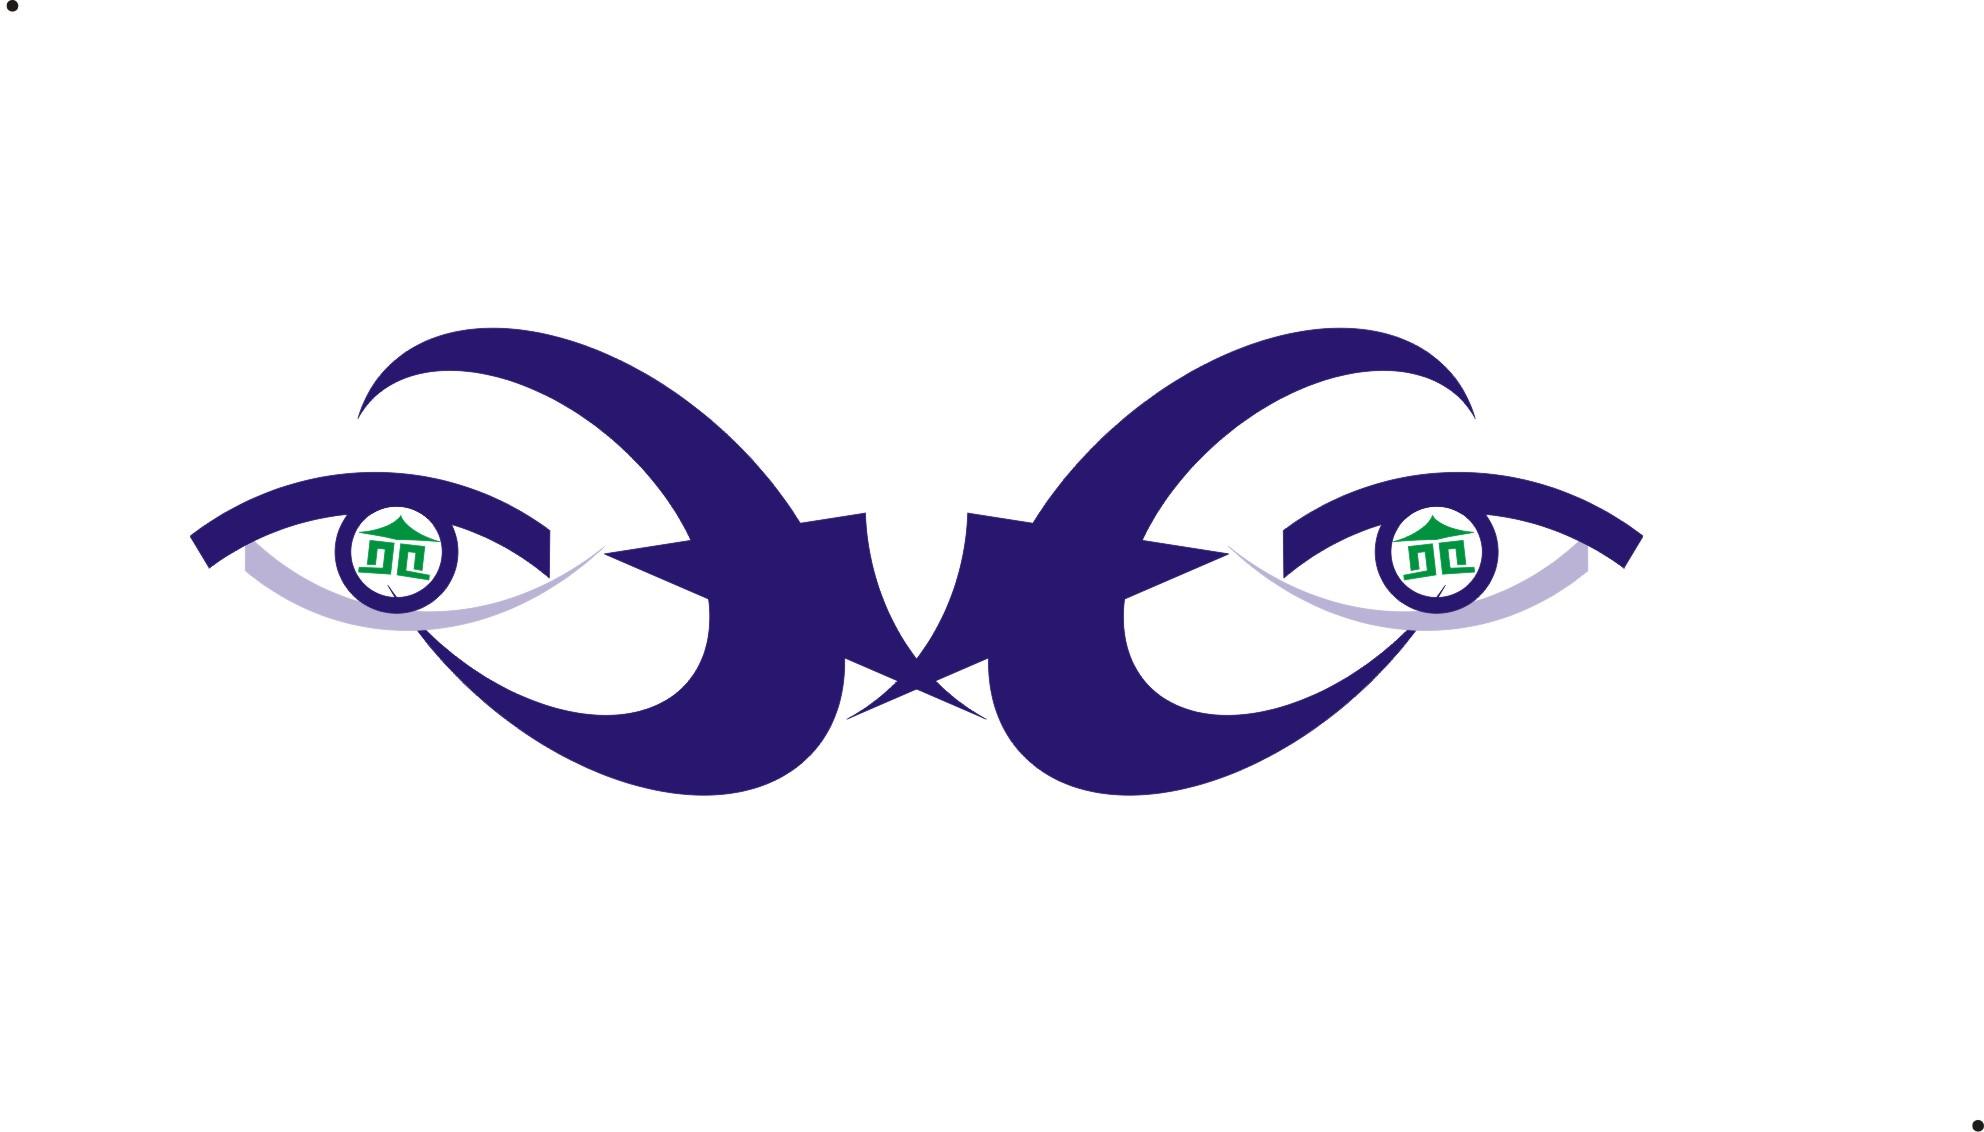 logo logo 标志 设计 矢量 矢量图 素材 图标 1984_1132